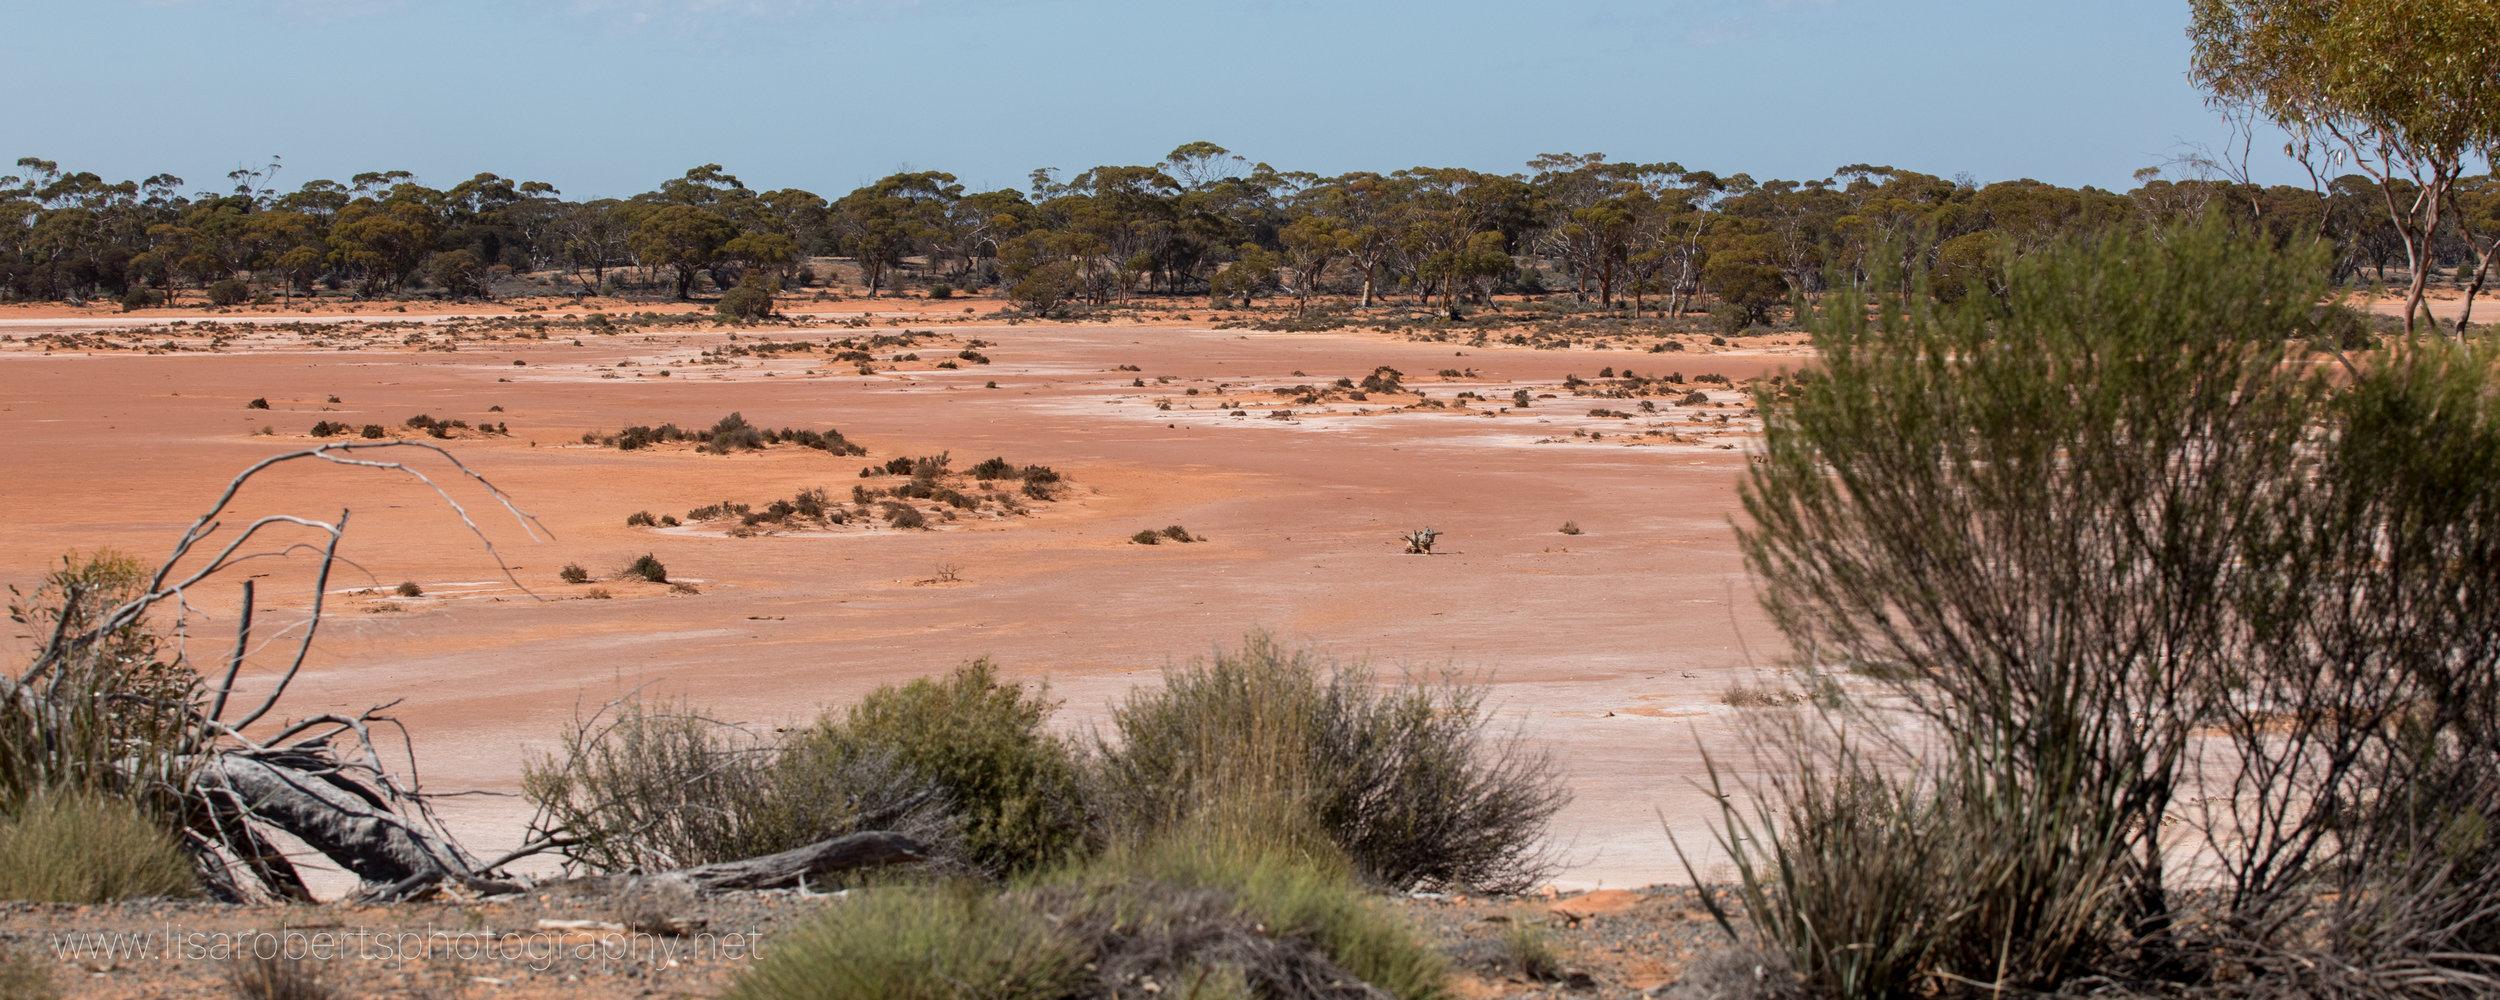 Red soil, Western Australia